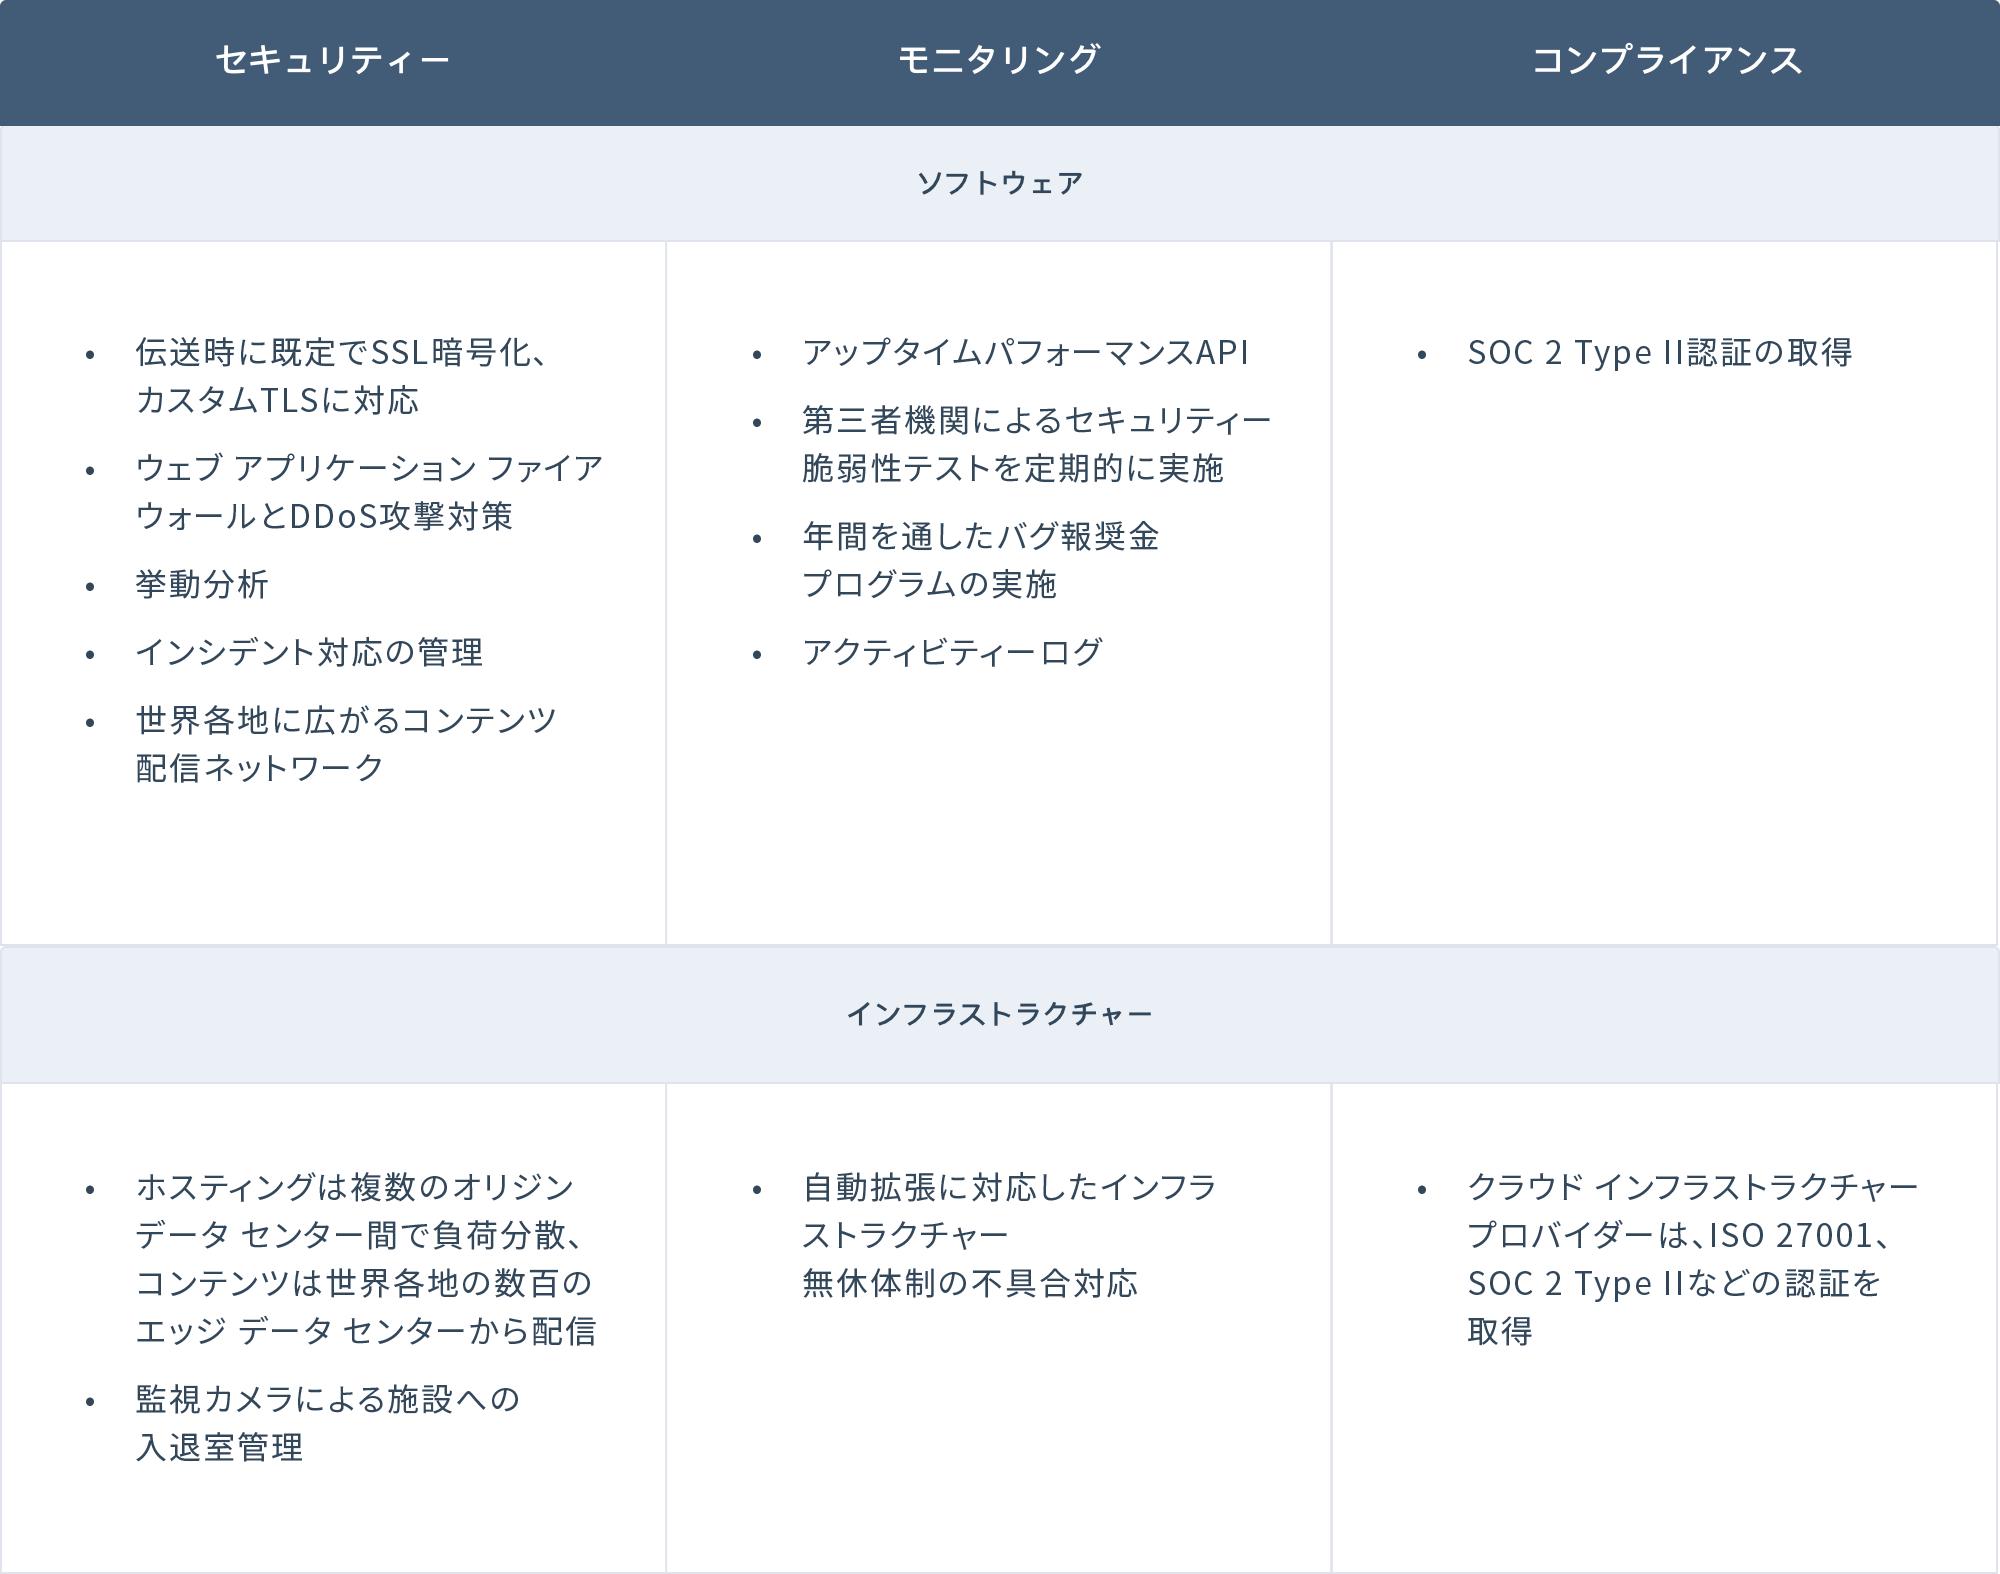 IT Persona Table - JA-21